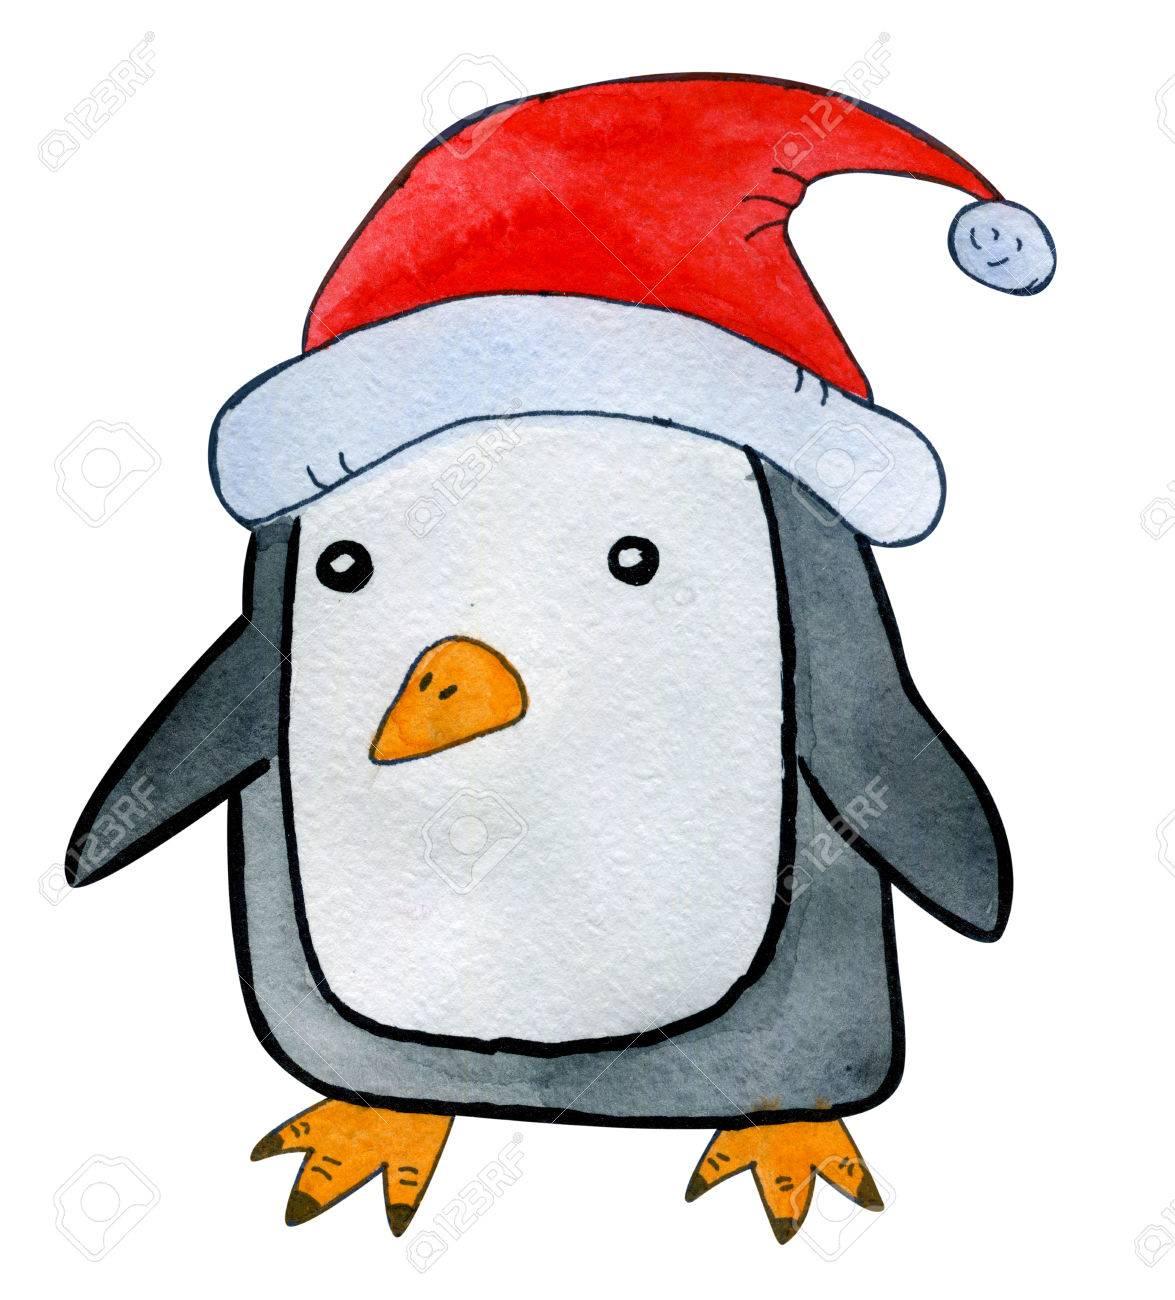 Hermoso Mano Dibujado Acuarela Estilo De Dibujos Animados Pingüino